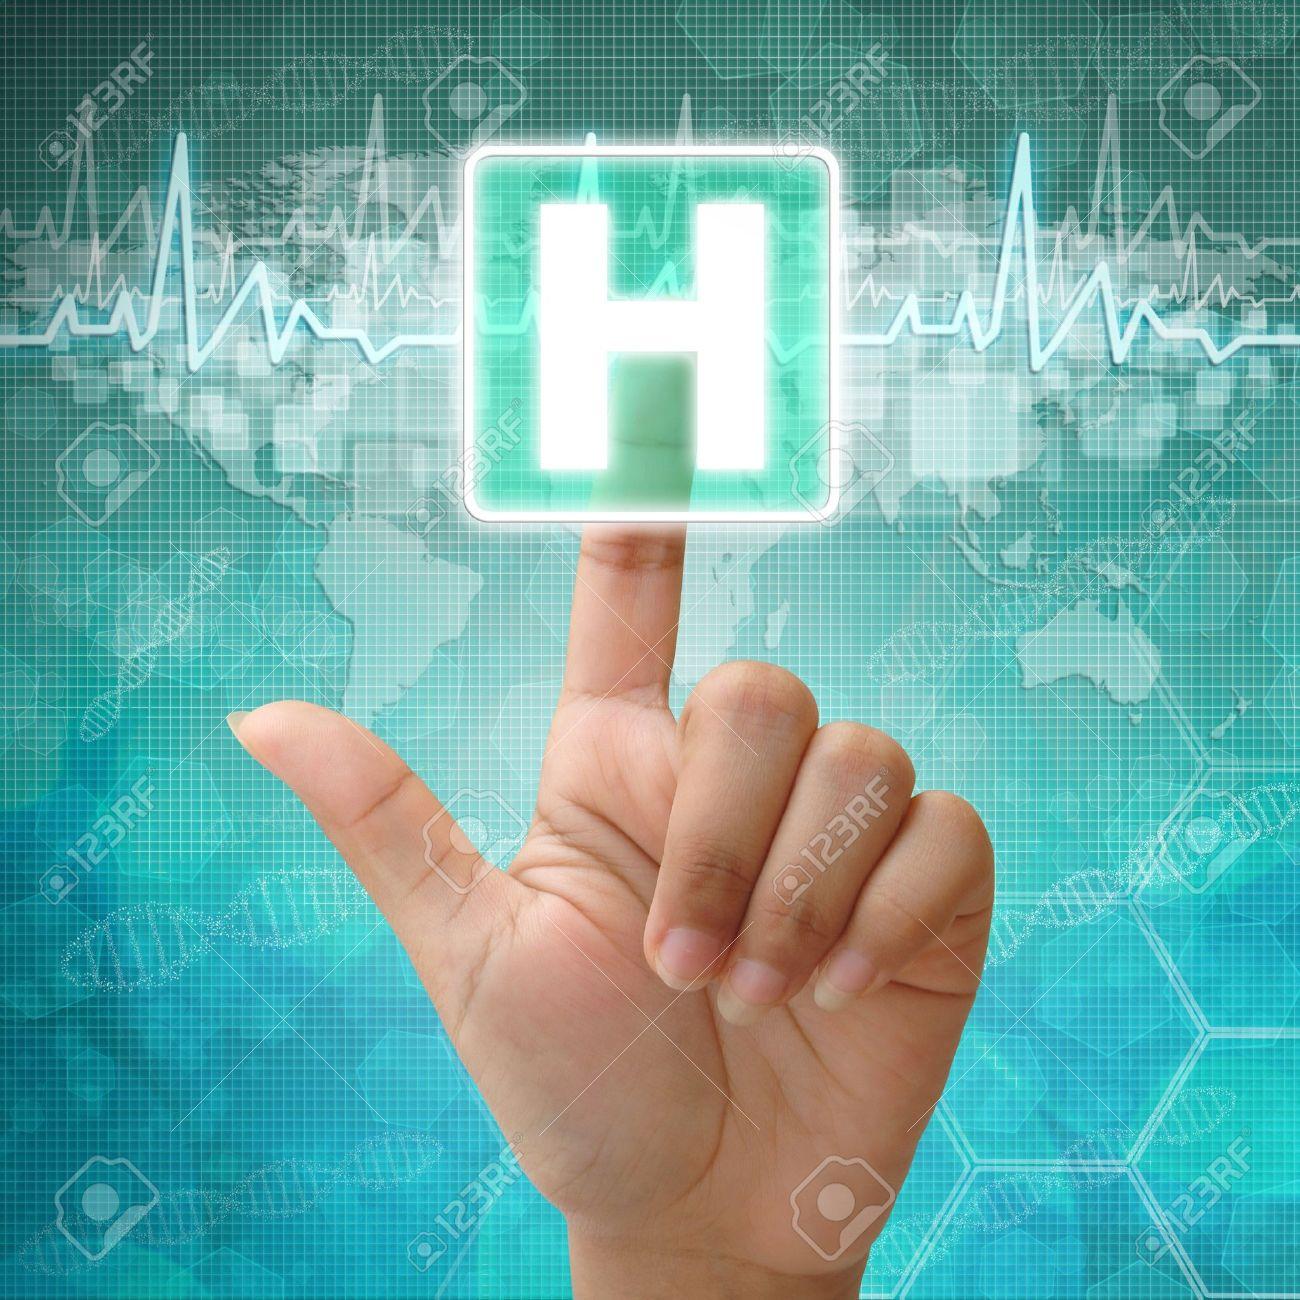 Symbole presse la main sur l'hôpital, les antécédents médicaux Banque d'images - 15115160